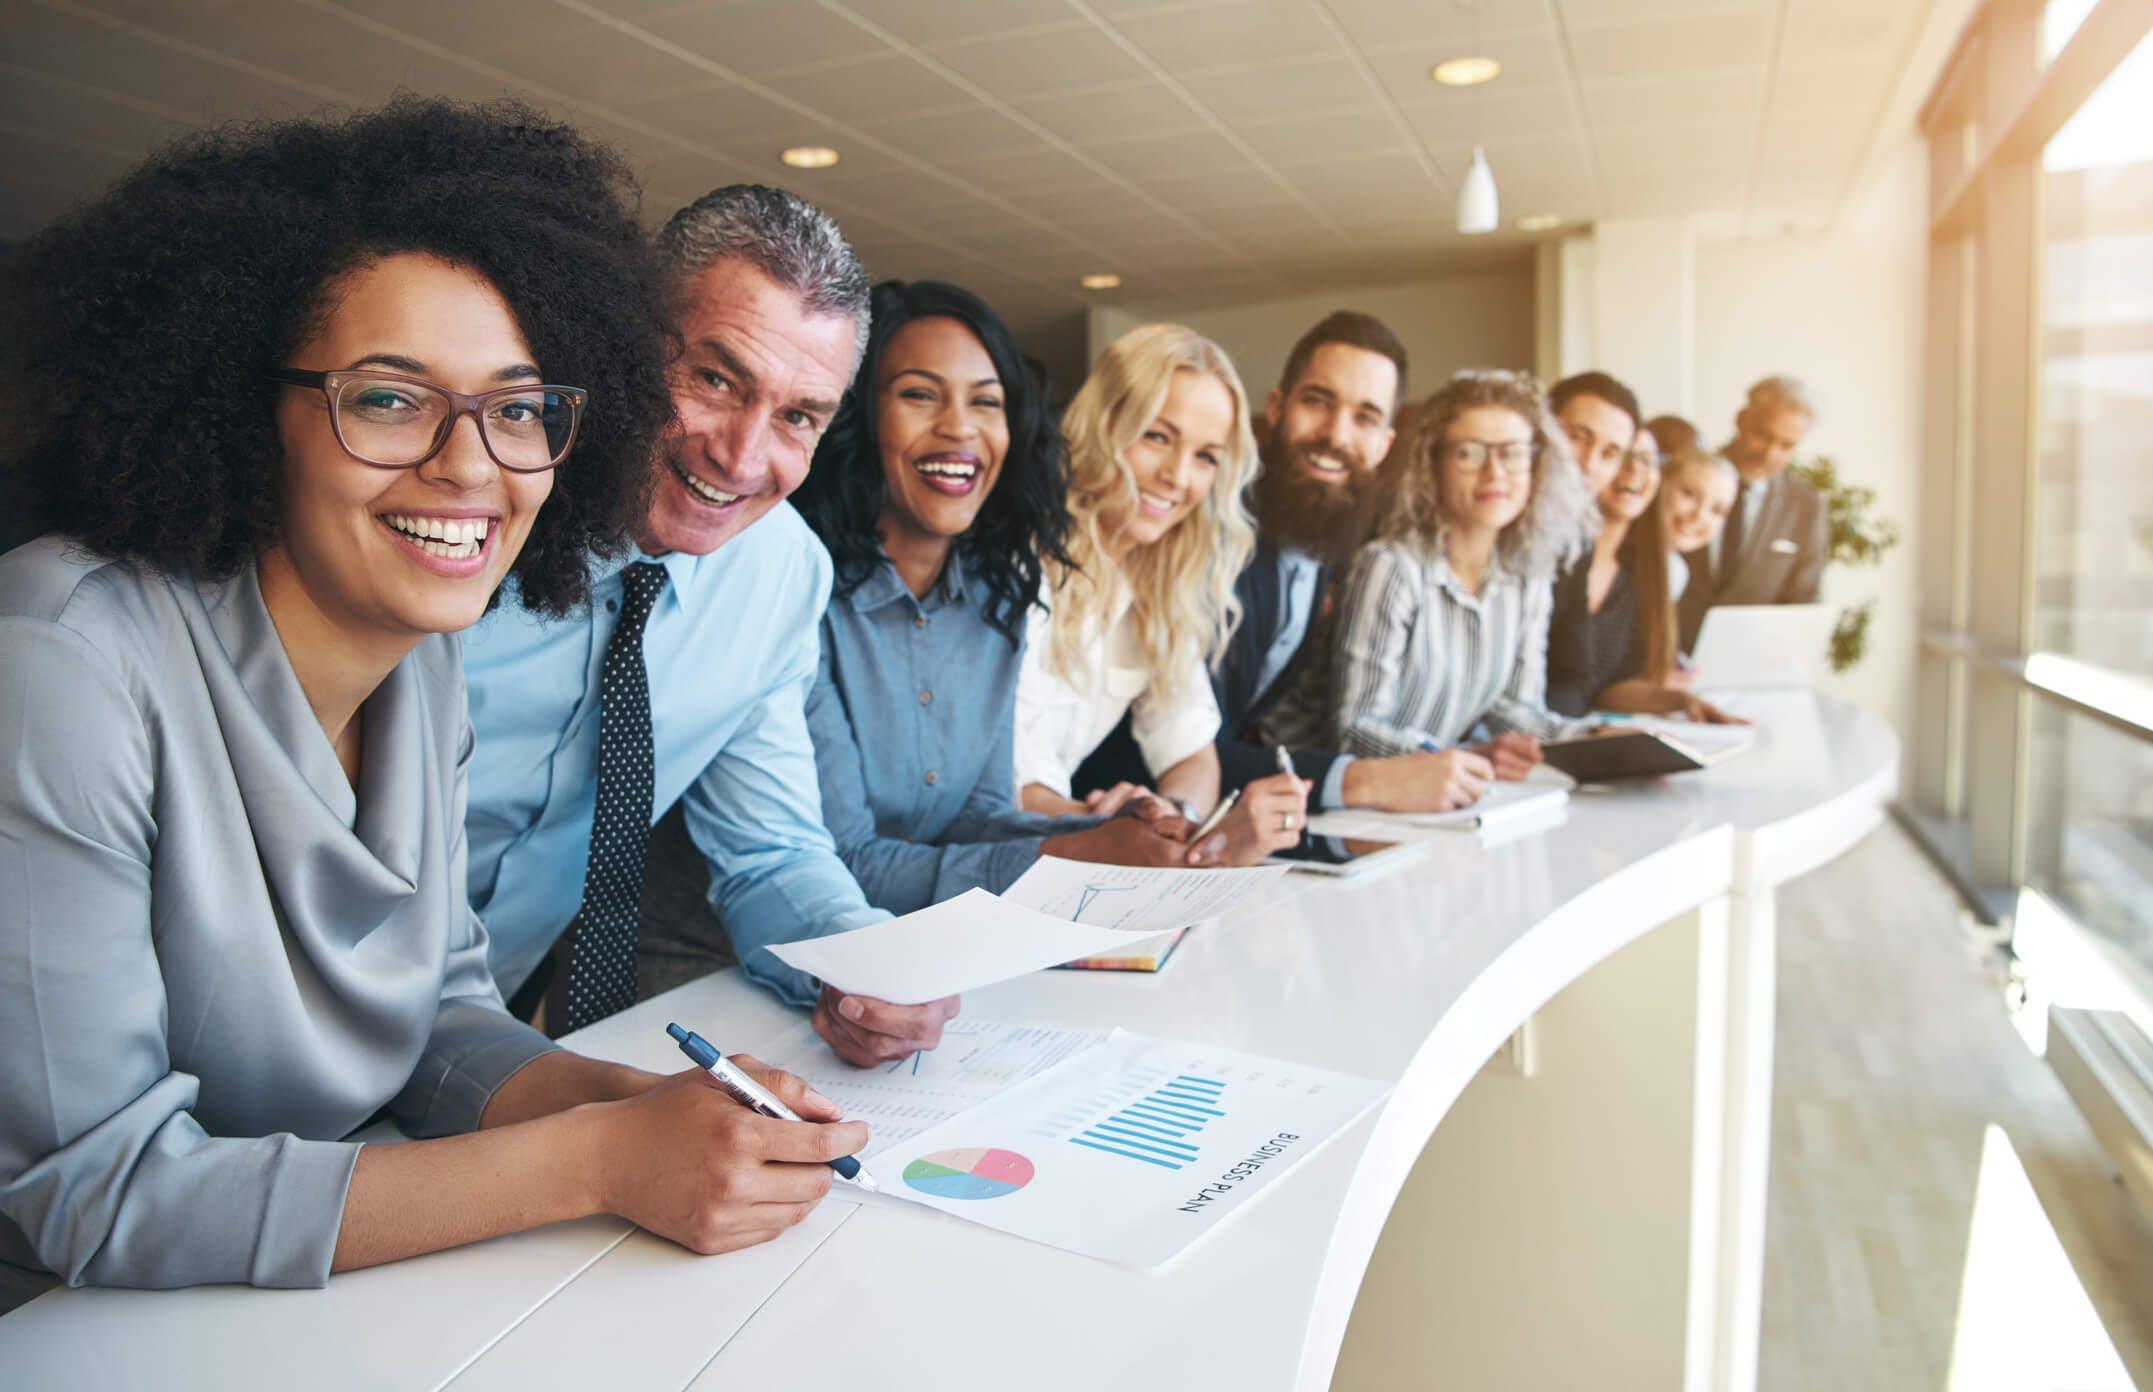 Titelbild-Team-Start-up-Office-Business-Plan-iStock-690855708